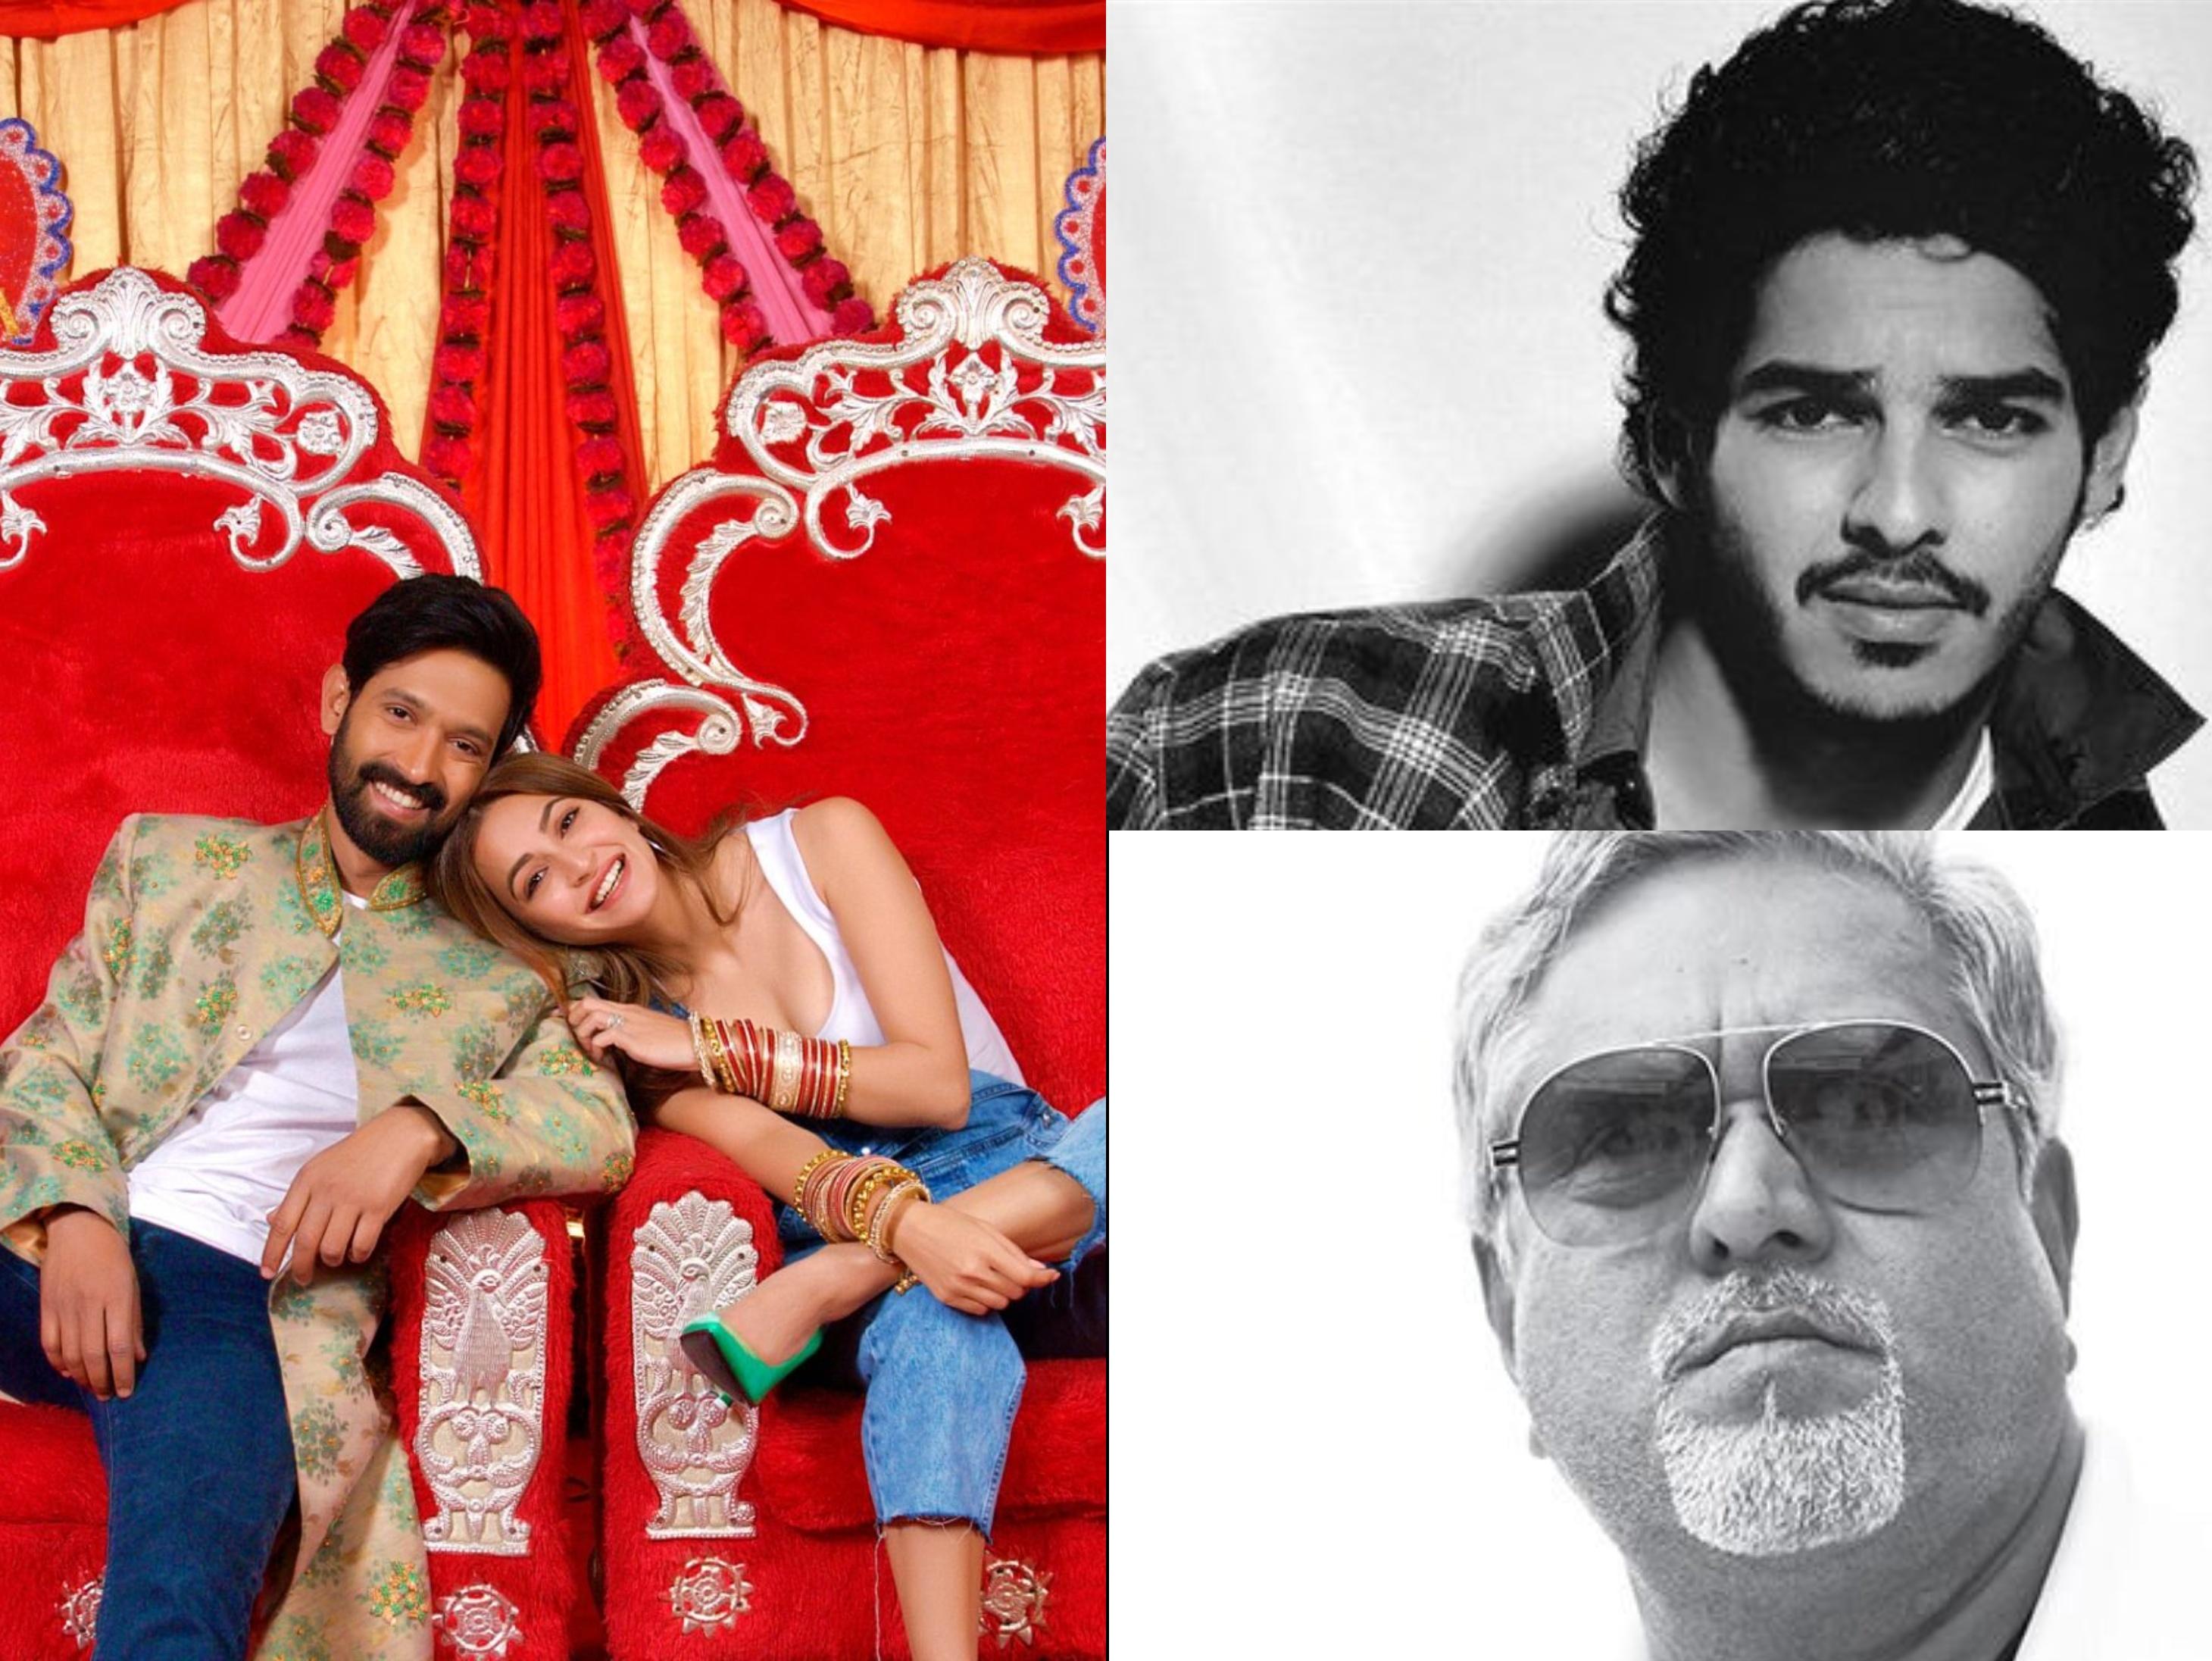 विजय माल्या की लाइफ पर बनेगी वेबसीरीज और 1971 वॉर बेस्ड ड्रामा 'पिप्पा' में ईशान खट्टर बनेंगे सैनिक, विक्रांत मैसी-कृति लगवाएंगे '14 फेरे'|बॉलीवुड,Bollywood - Dainik Bhaskar